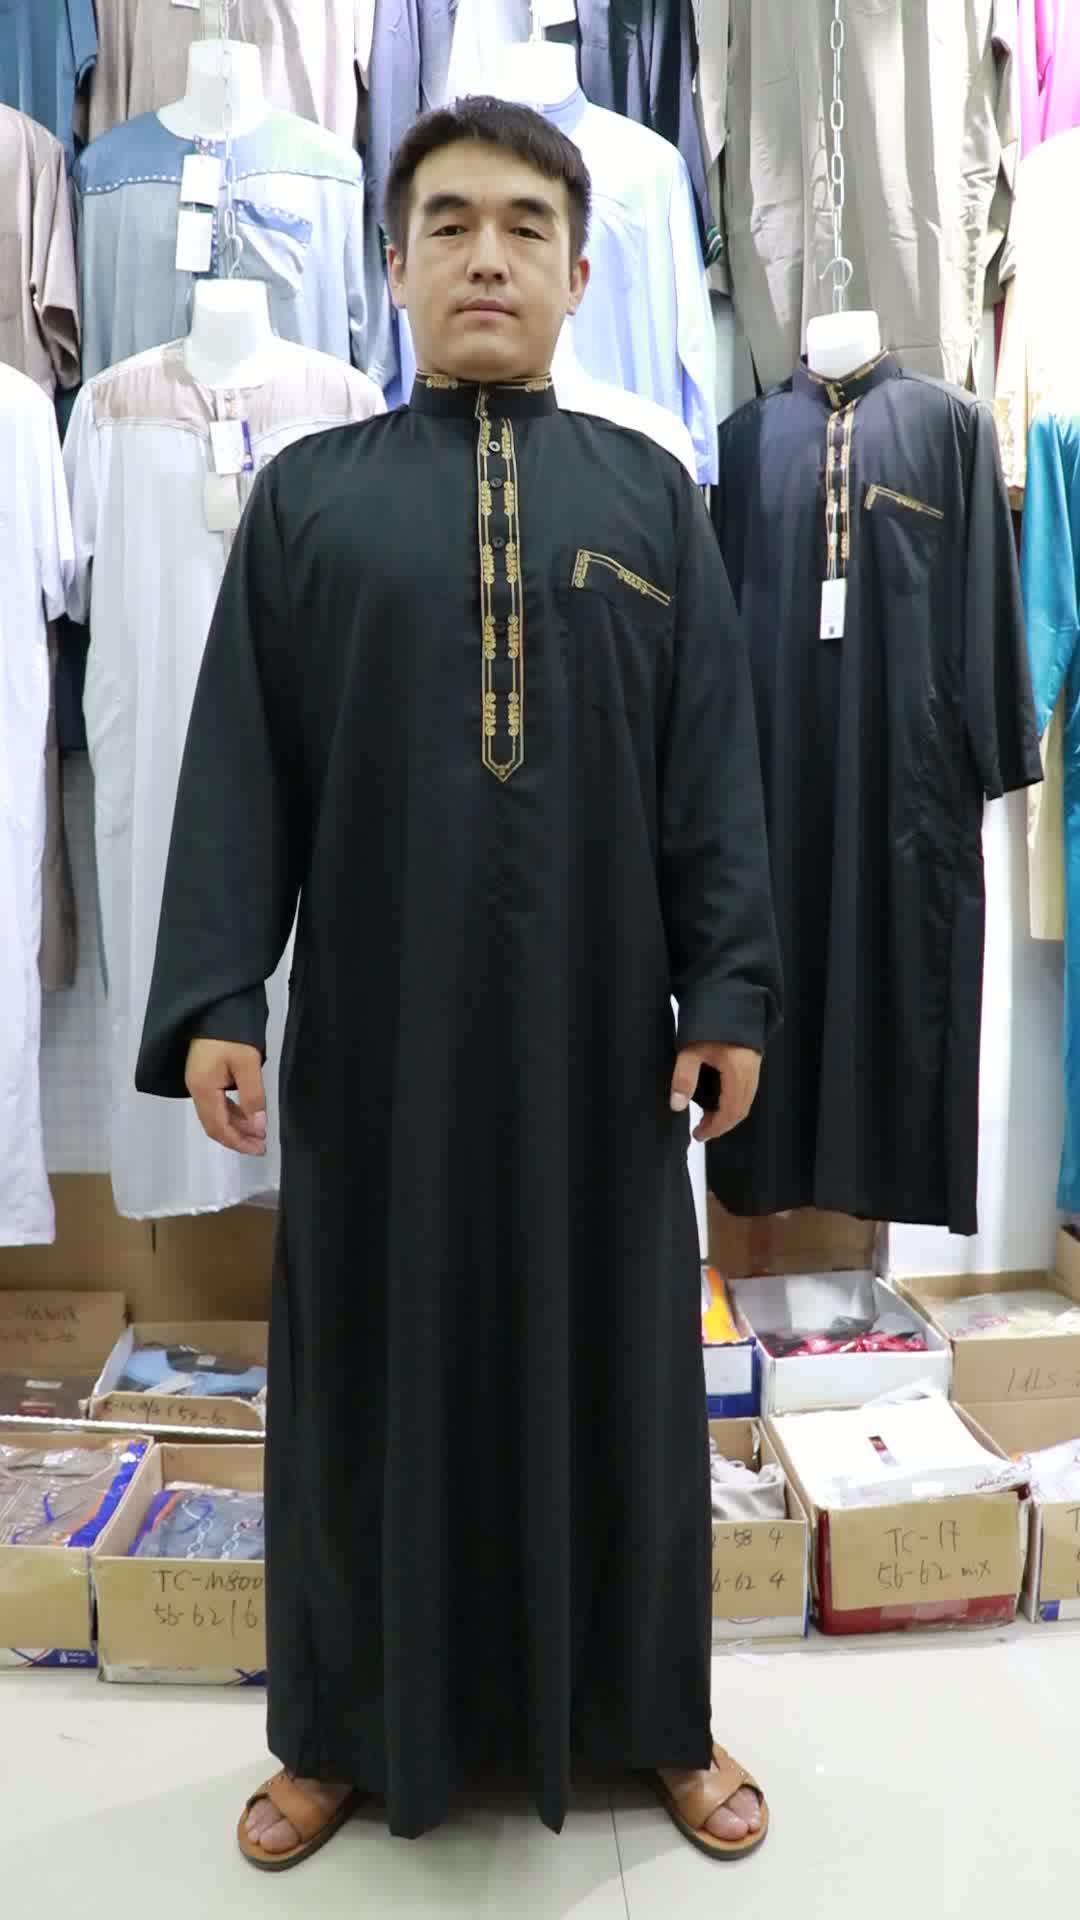 สไตล์ใหม่เสื้อผ้าอิสลามปากีสถาน arabian saudi jubba ซูดาน abaya มุสลิมเสื้อผ้าชาติพันธุ์เย็บปักถักร้อยสวดมนต์ thobe